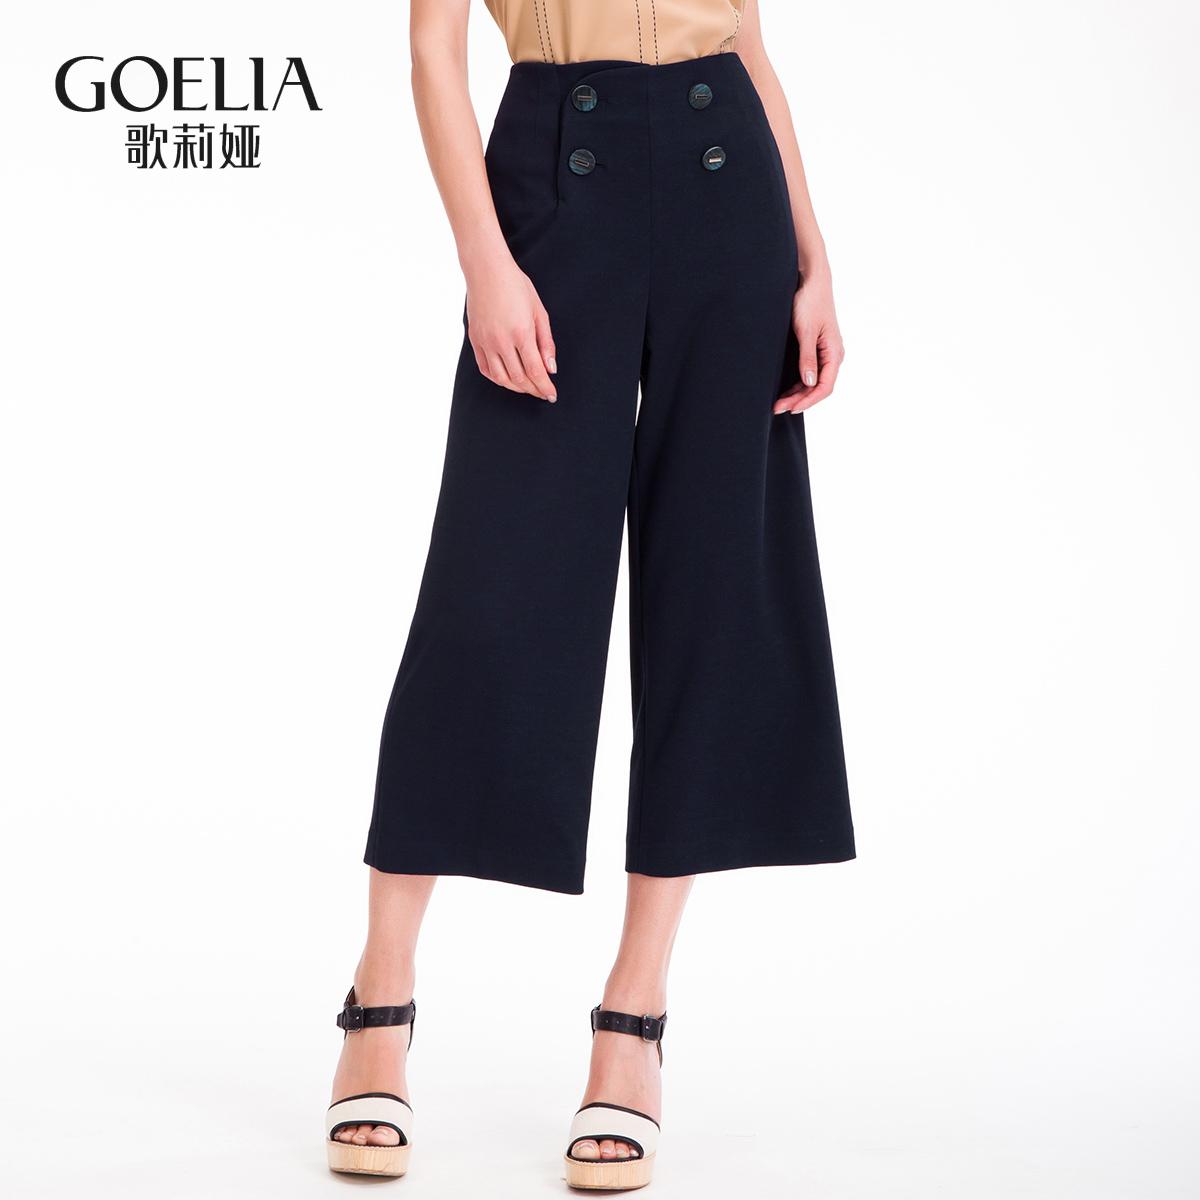 歌莉娅女装 歌莉娅女装 英伦休闲裤高腰阔腿九分裤168E1D030_推荐淘宝好看的歌莉娅